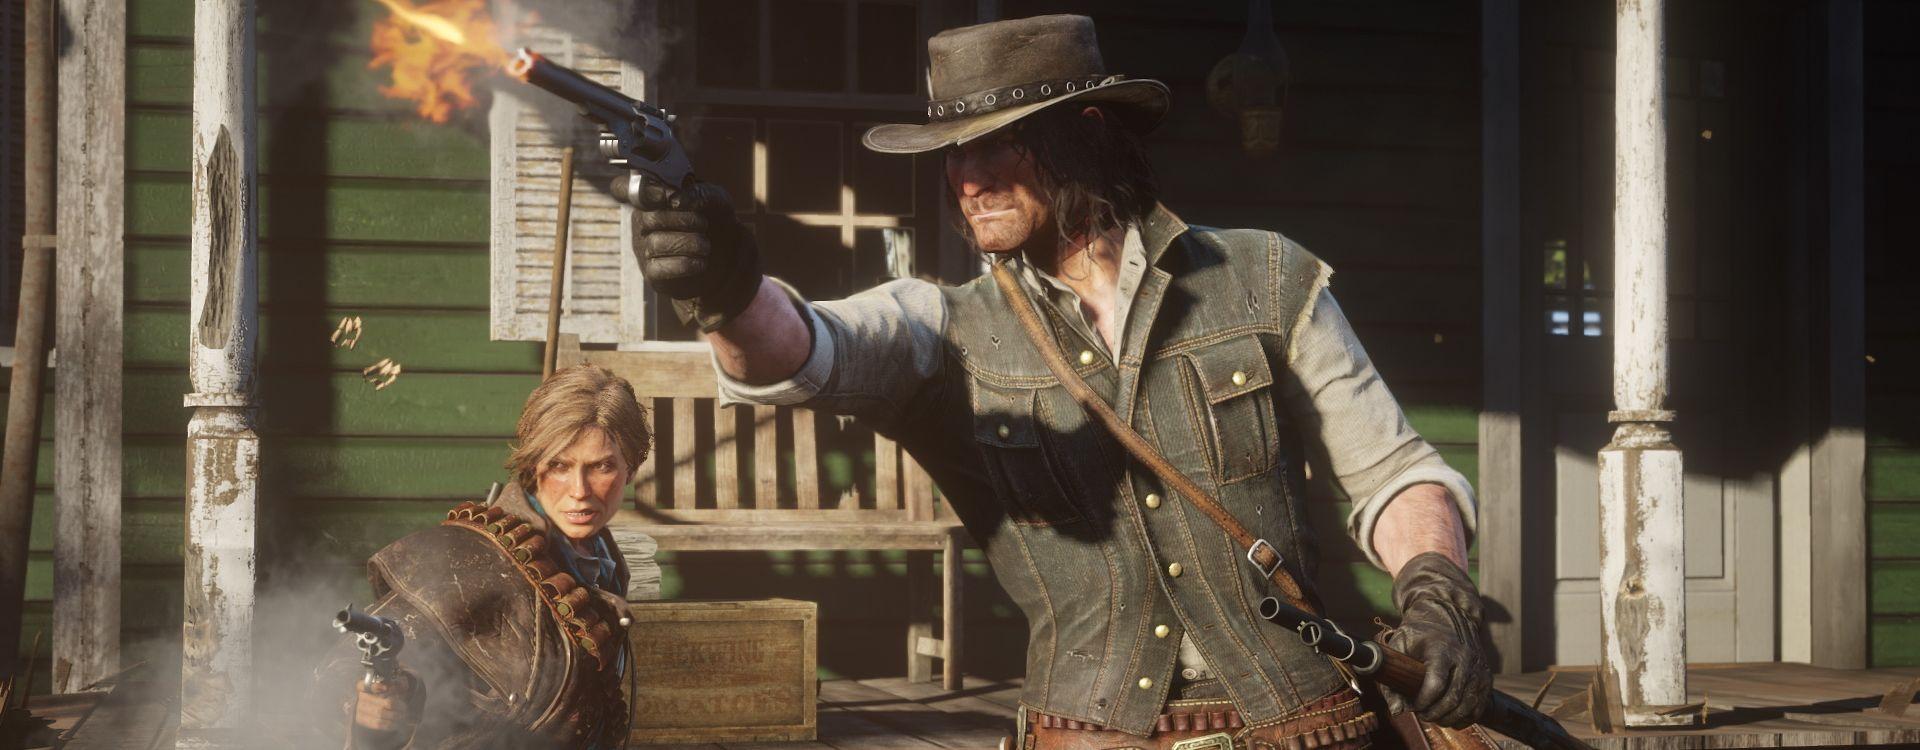 Red Dead Redemption 2: Update 1.04 ist live – Das steckt im Patch